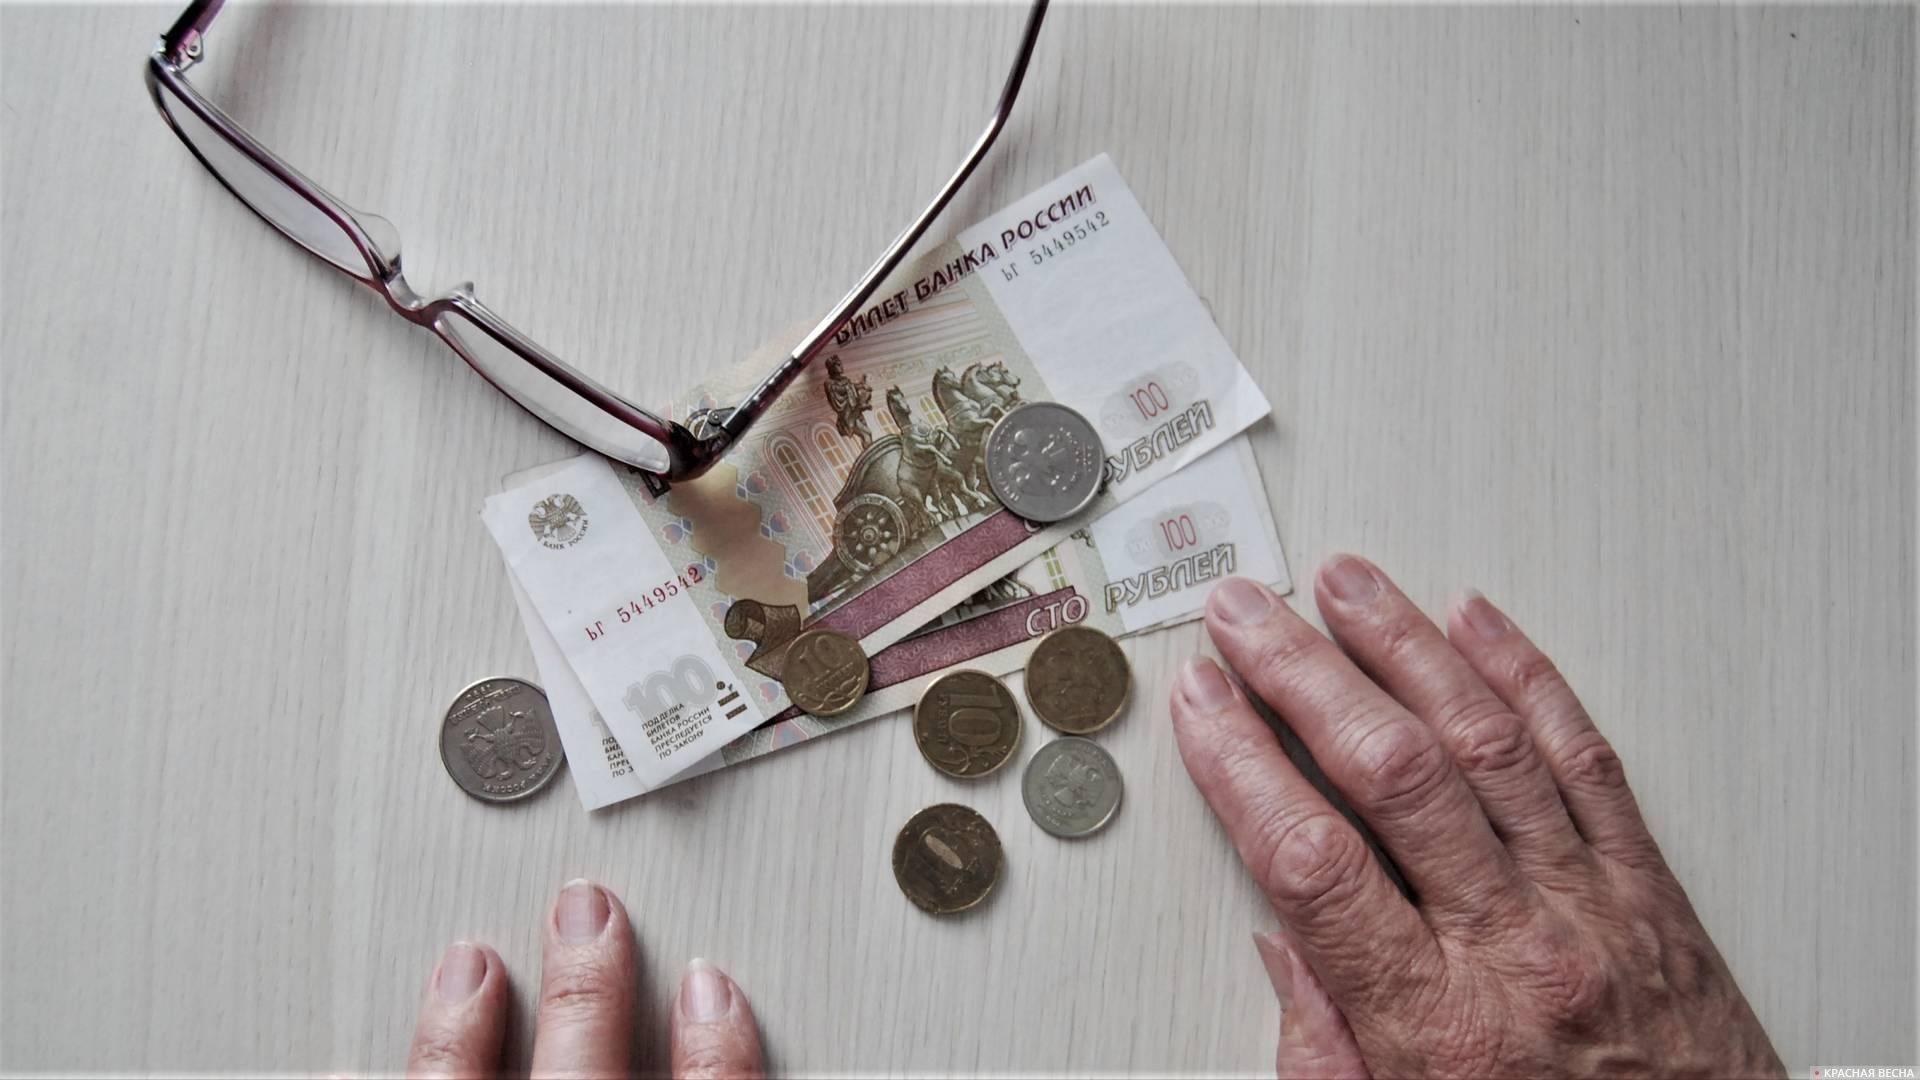 Основание для перерасчета пенсии